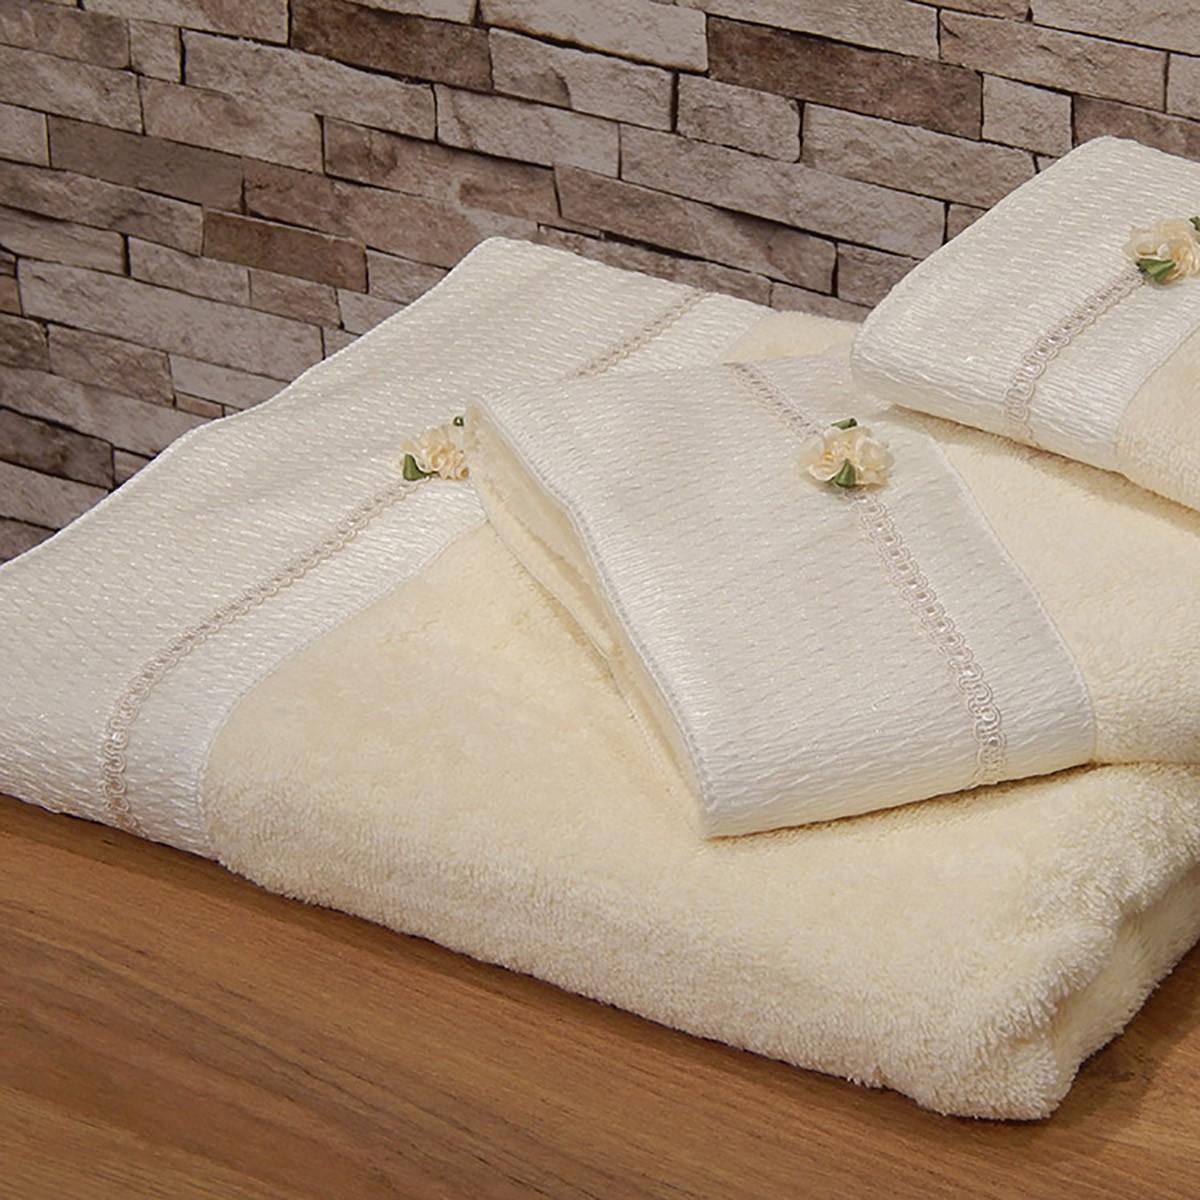 Πετσέτες Μπάνιου (Σετ 3τμχ) Omega Home Des 164